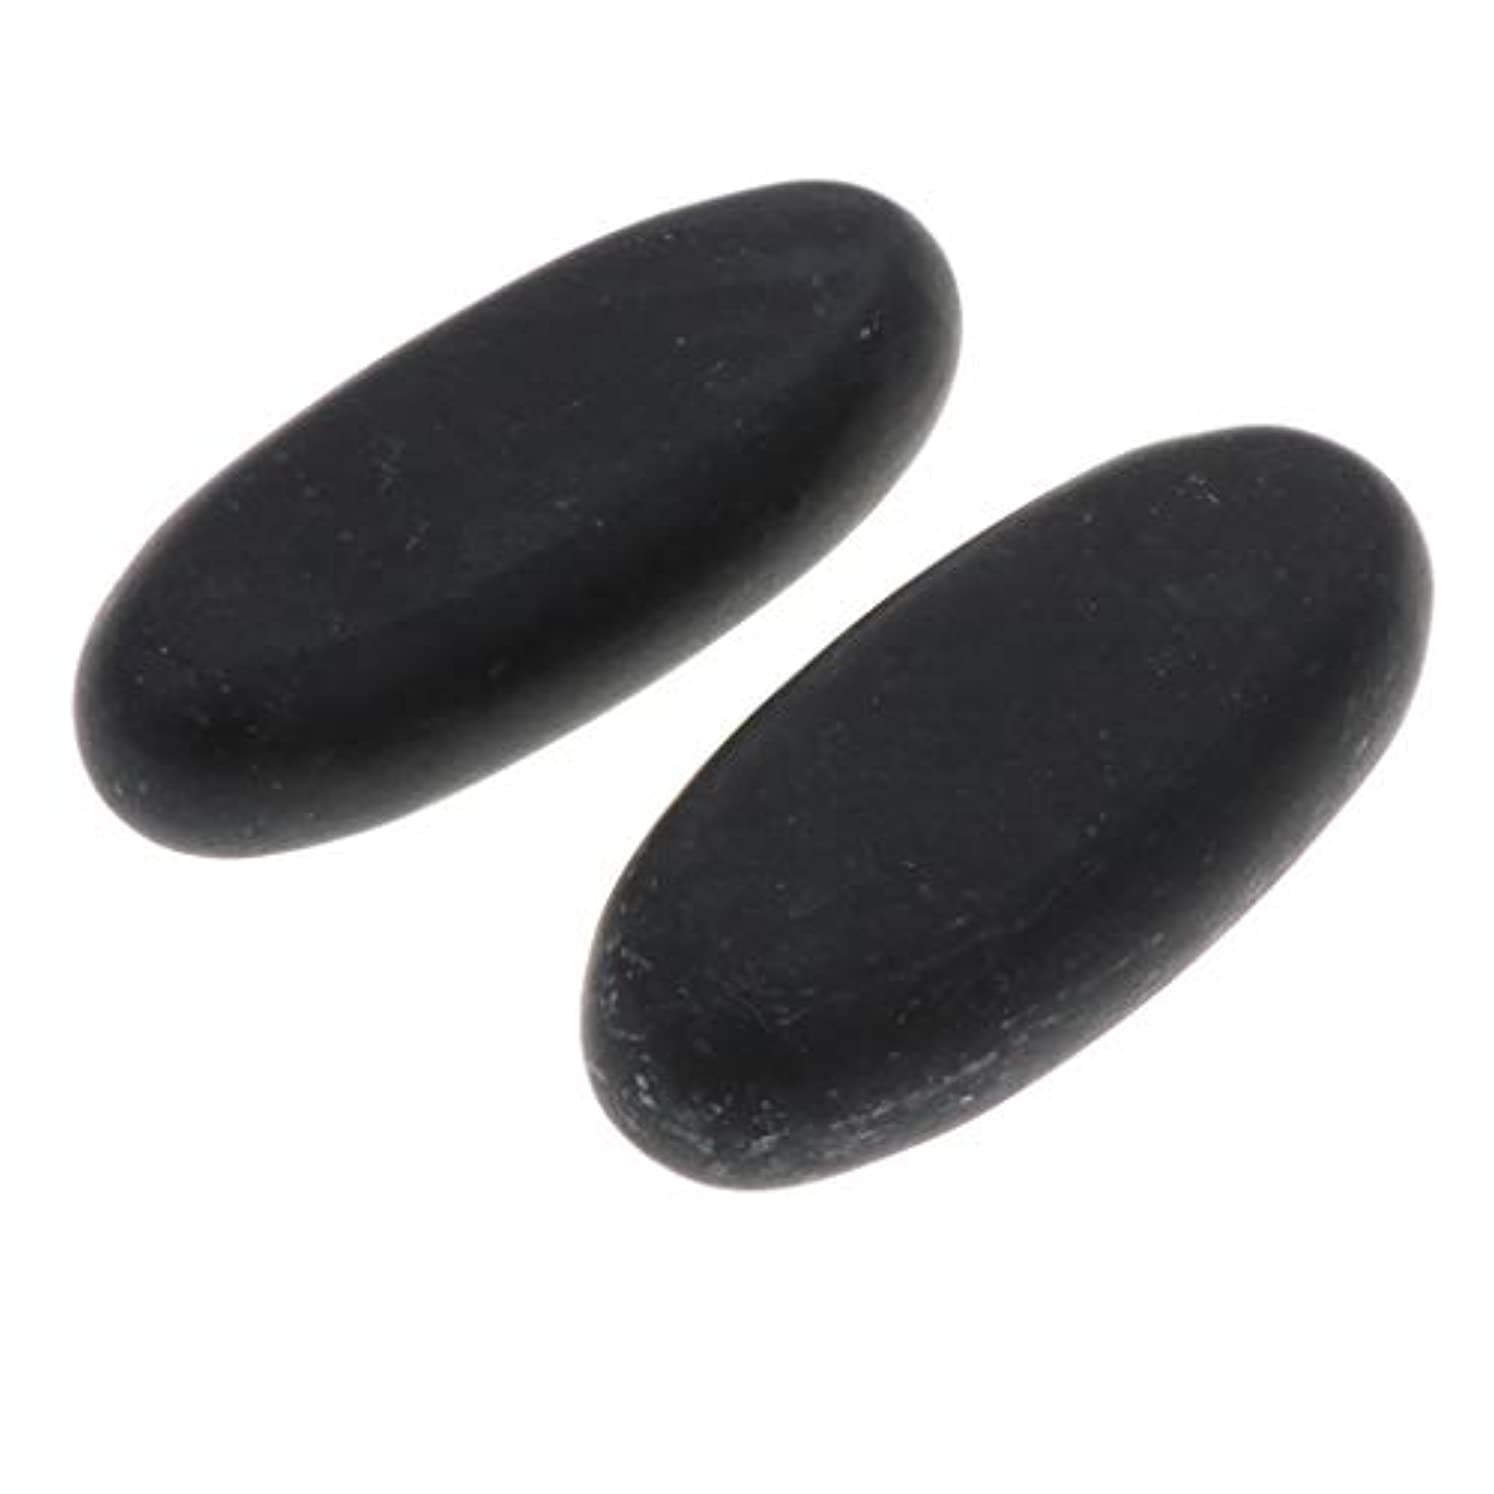 分類する貨物ポインタ天然石ホットストーン マッサージ用玄武岩 マッサージストーン マッサージ石 ボディマッサージ 2個 全2サイズ - 8×3.2×1.5cm